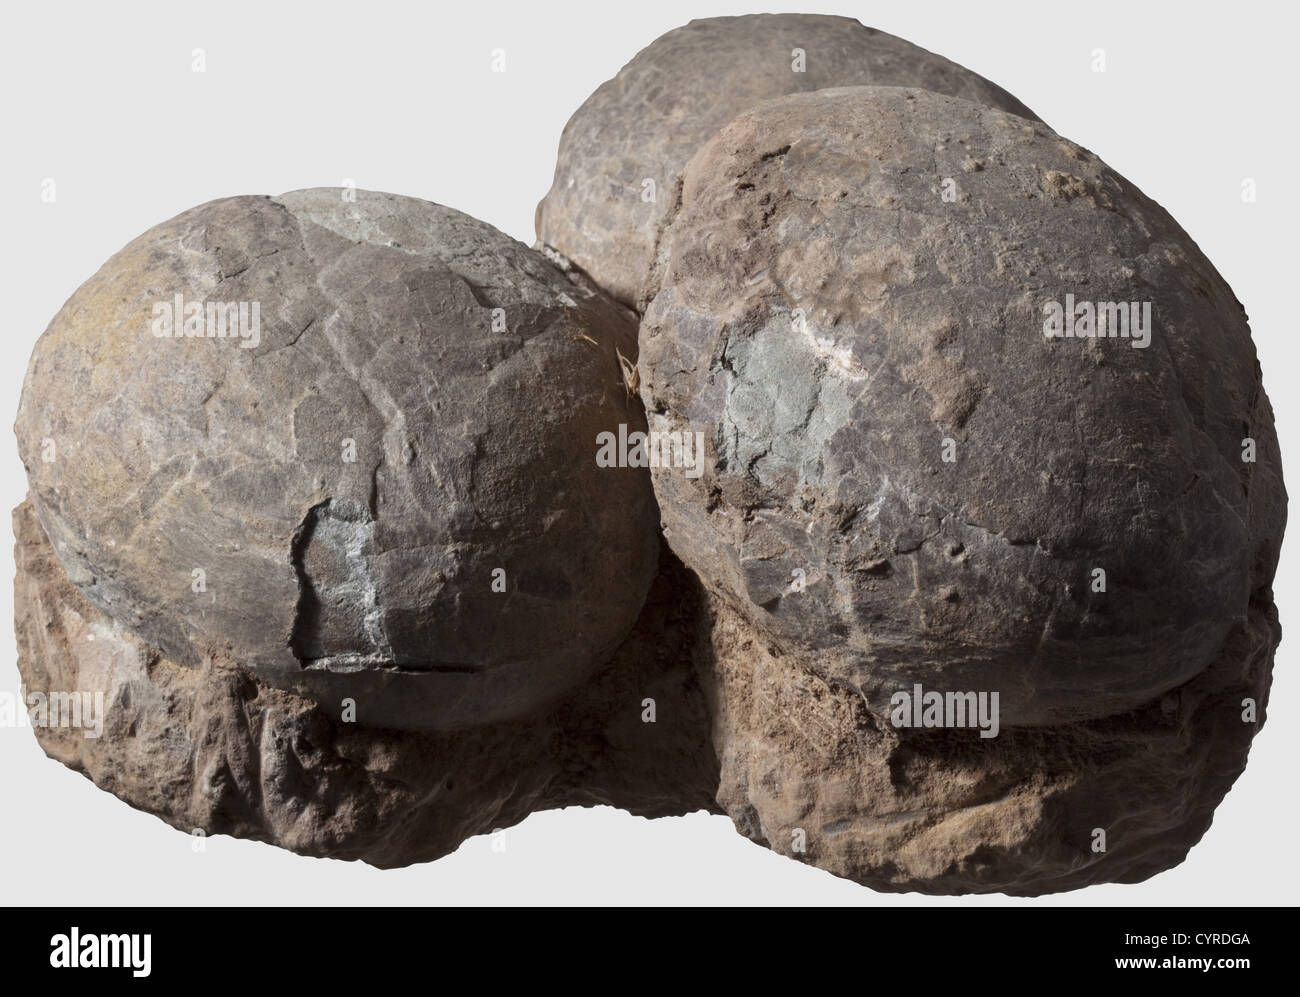 Huevos de dinosaurio, Triásico/período cretácico una nidada de 3 huevos fosilizados con las conchas Imagen De Stock